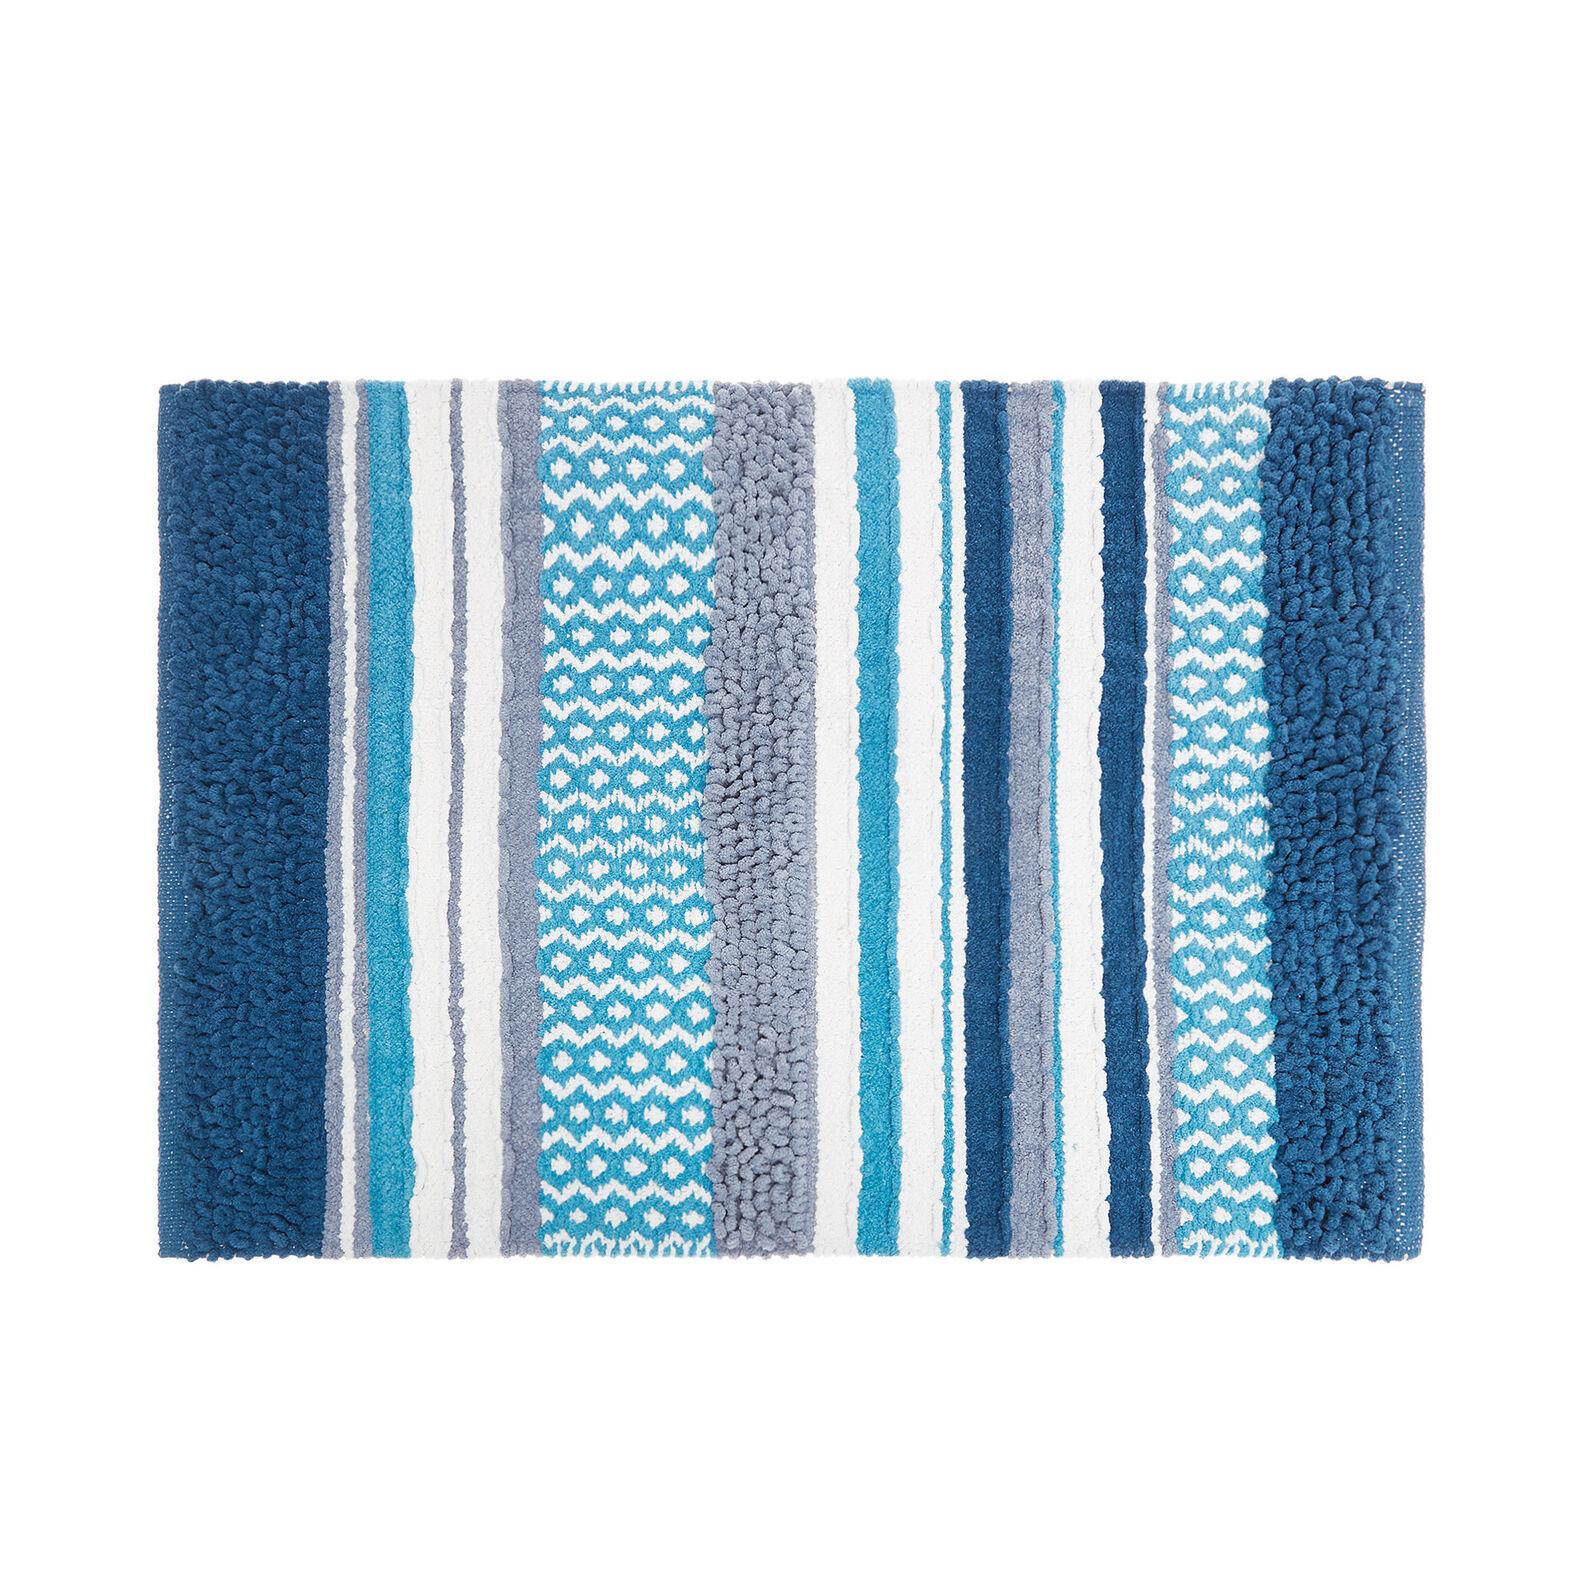 100% cotton bath mat with patchwork motif